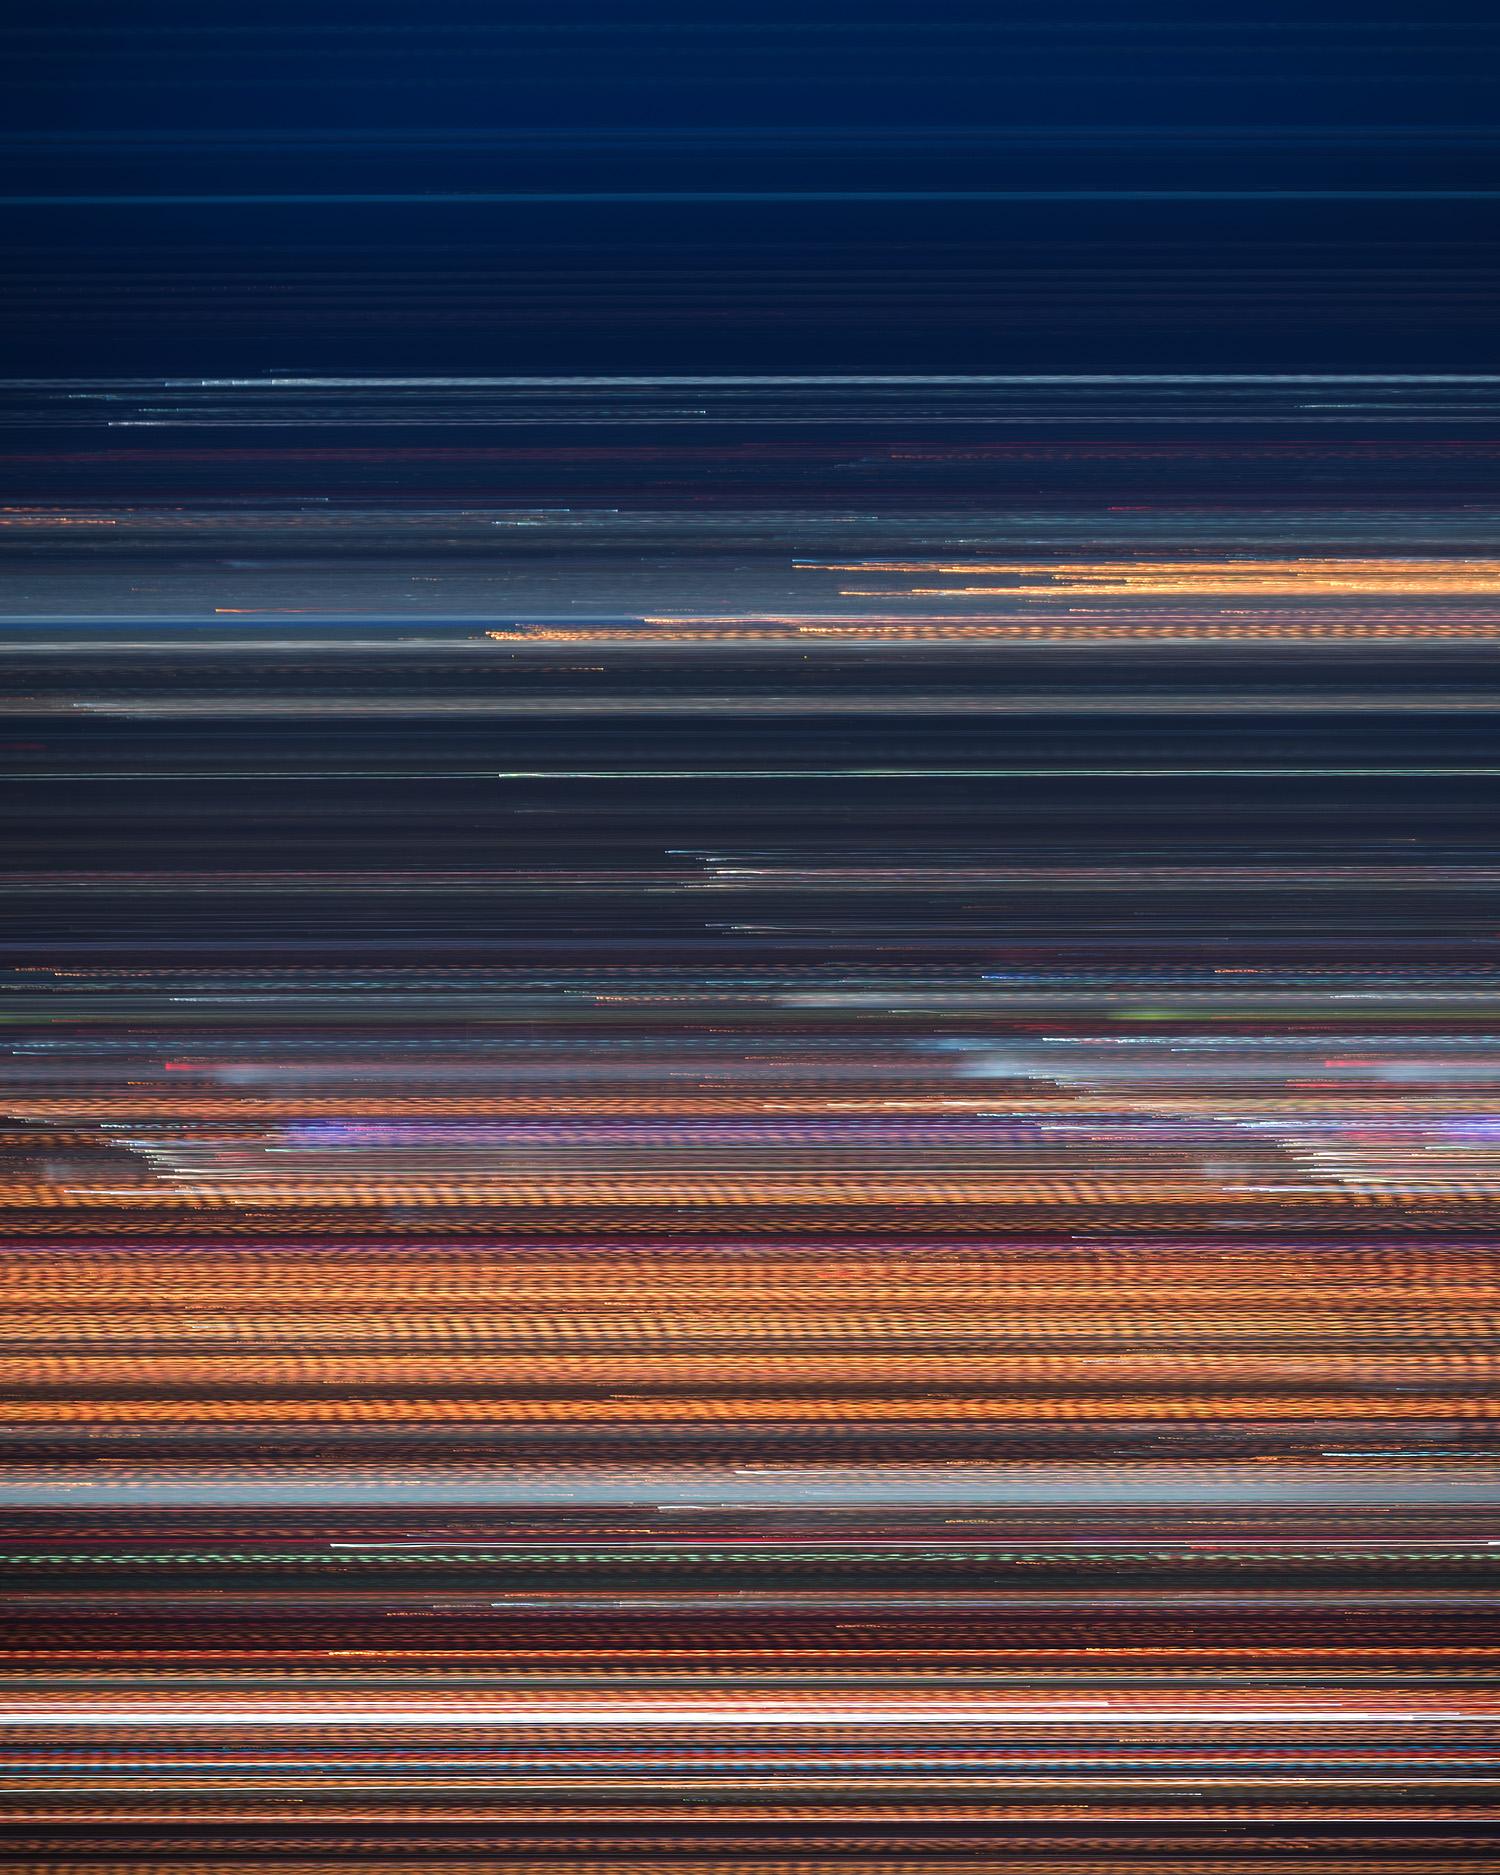 horizons-7423.jpg